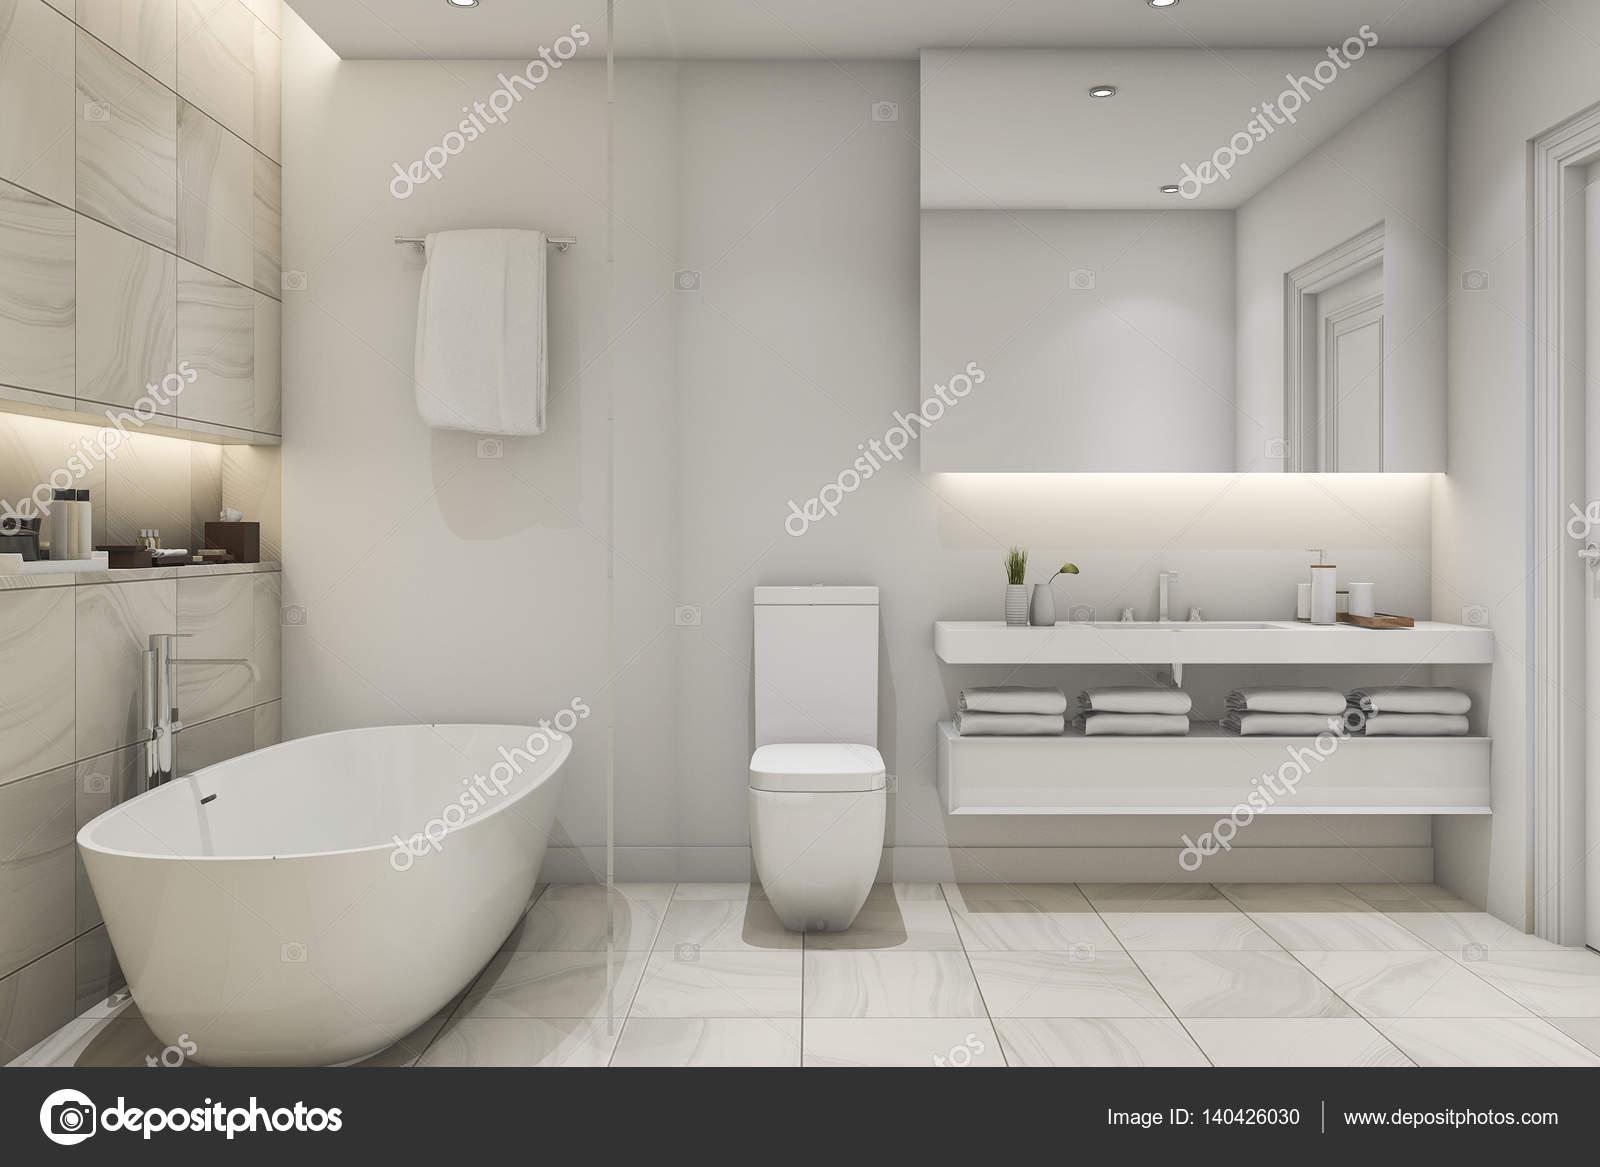 Bianco di rendering d piastrelle da bagno in marmo di lusso